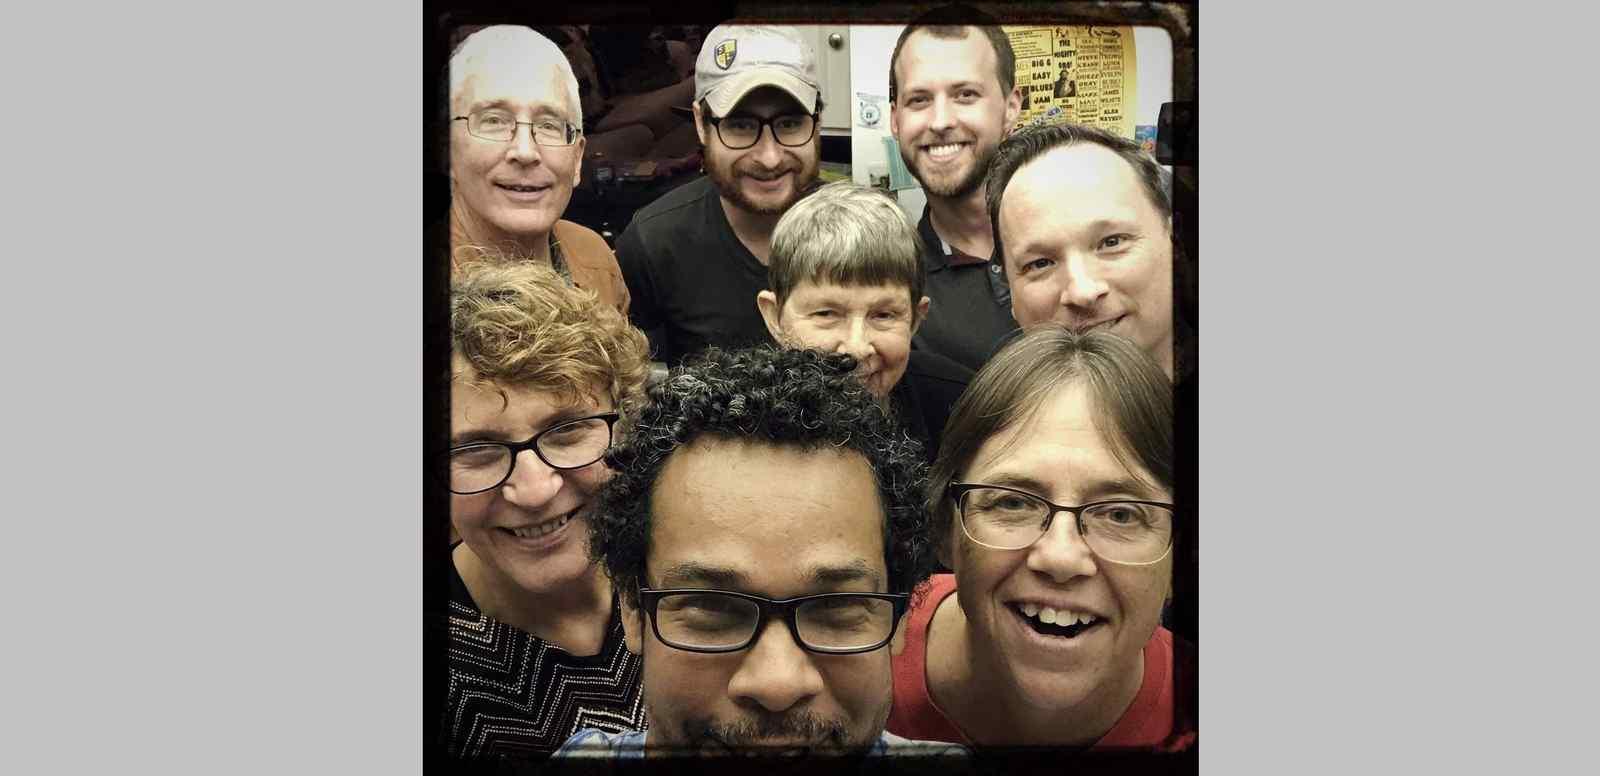 Reflecting on Community Groups